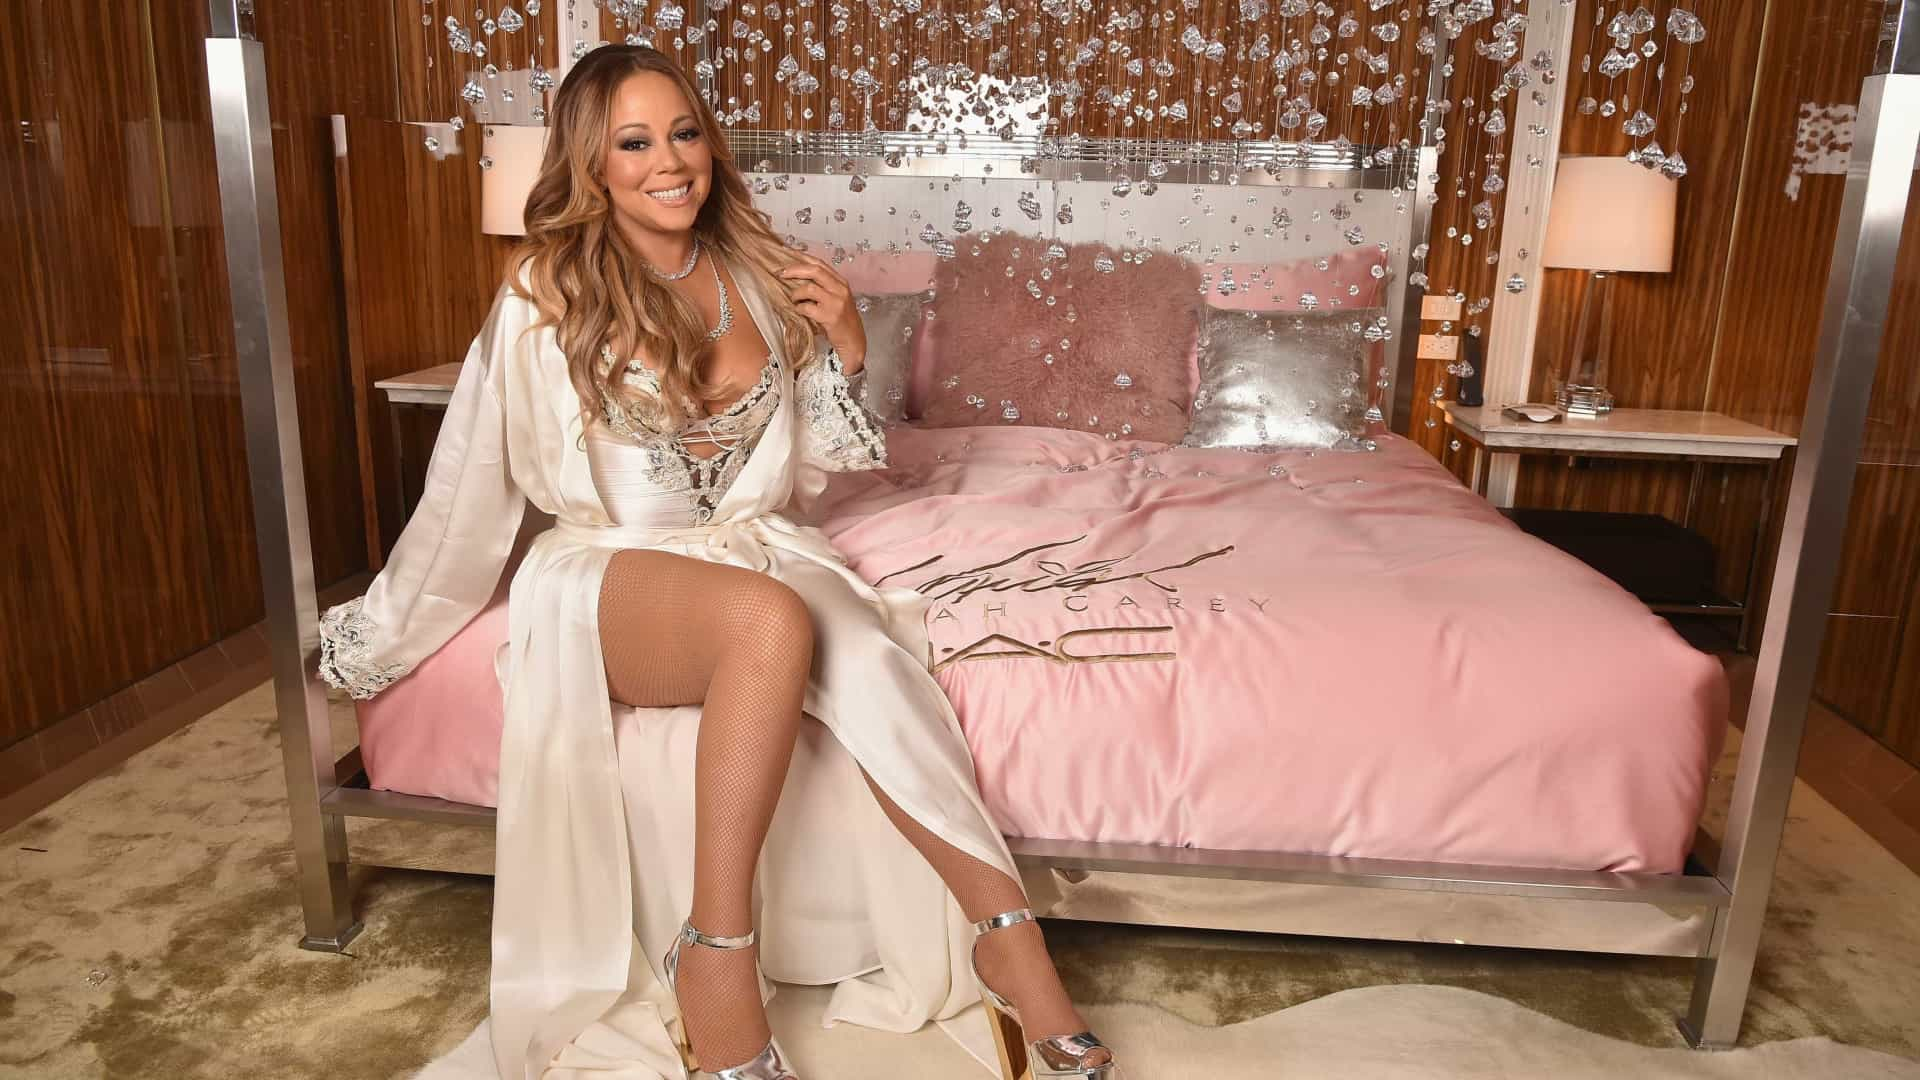 O segredo da felicidade de Mariah Carey é de graça e (muito) simples